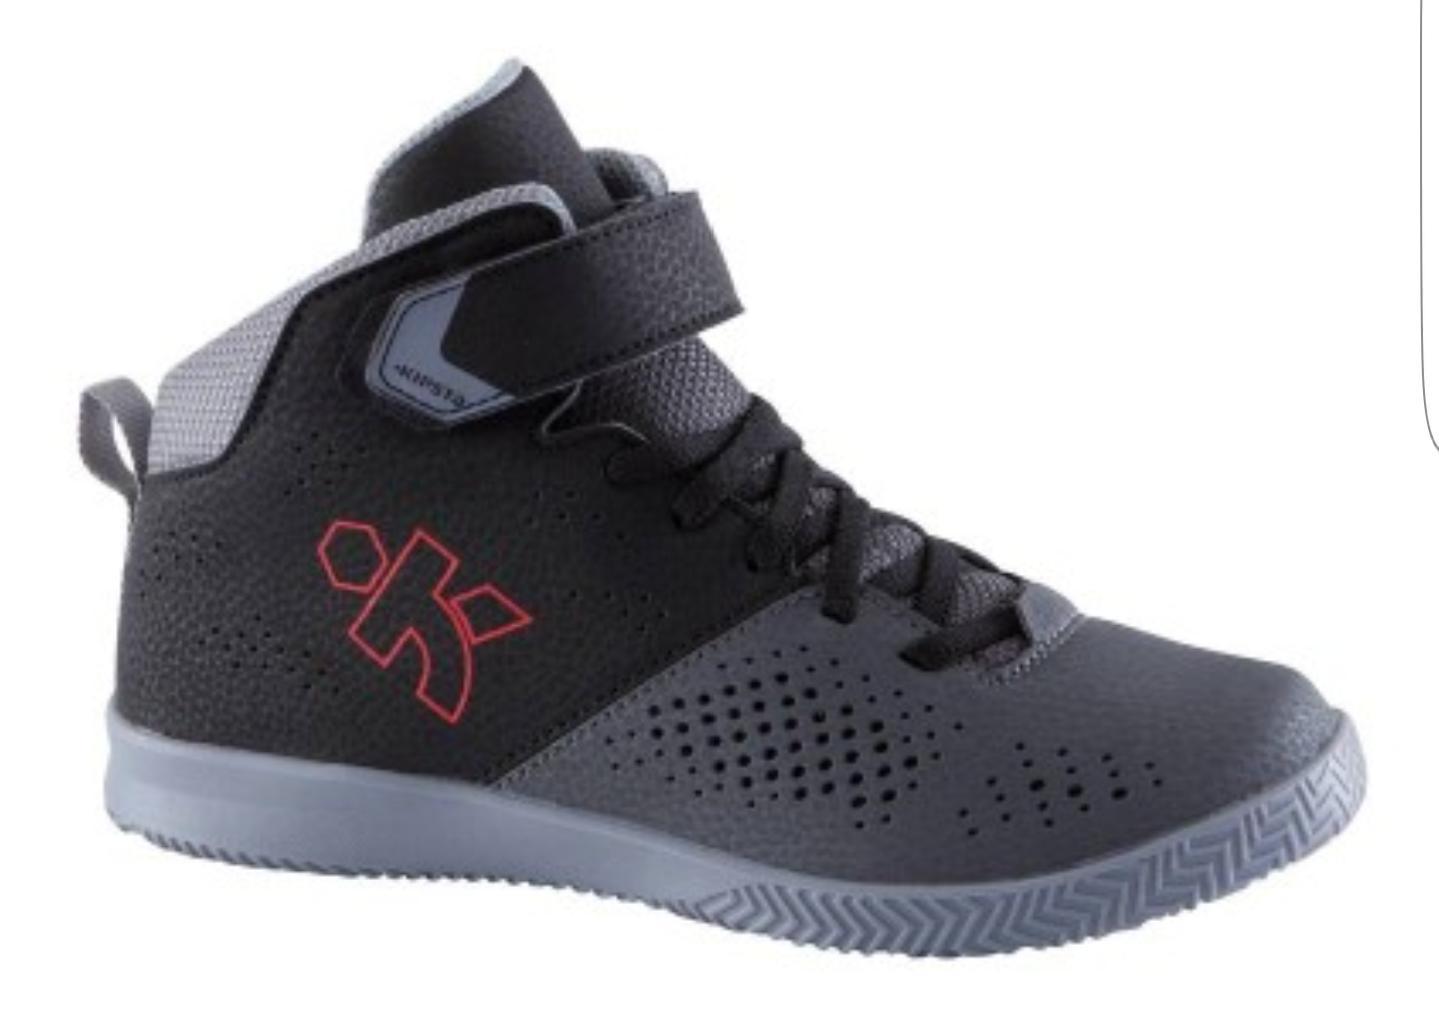 Chaussures de Basketball Kipsta Strong 100 Noir pour Enfants - Tailles : 31 à 33